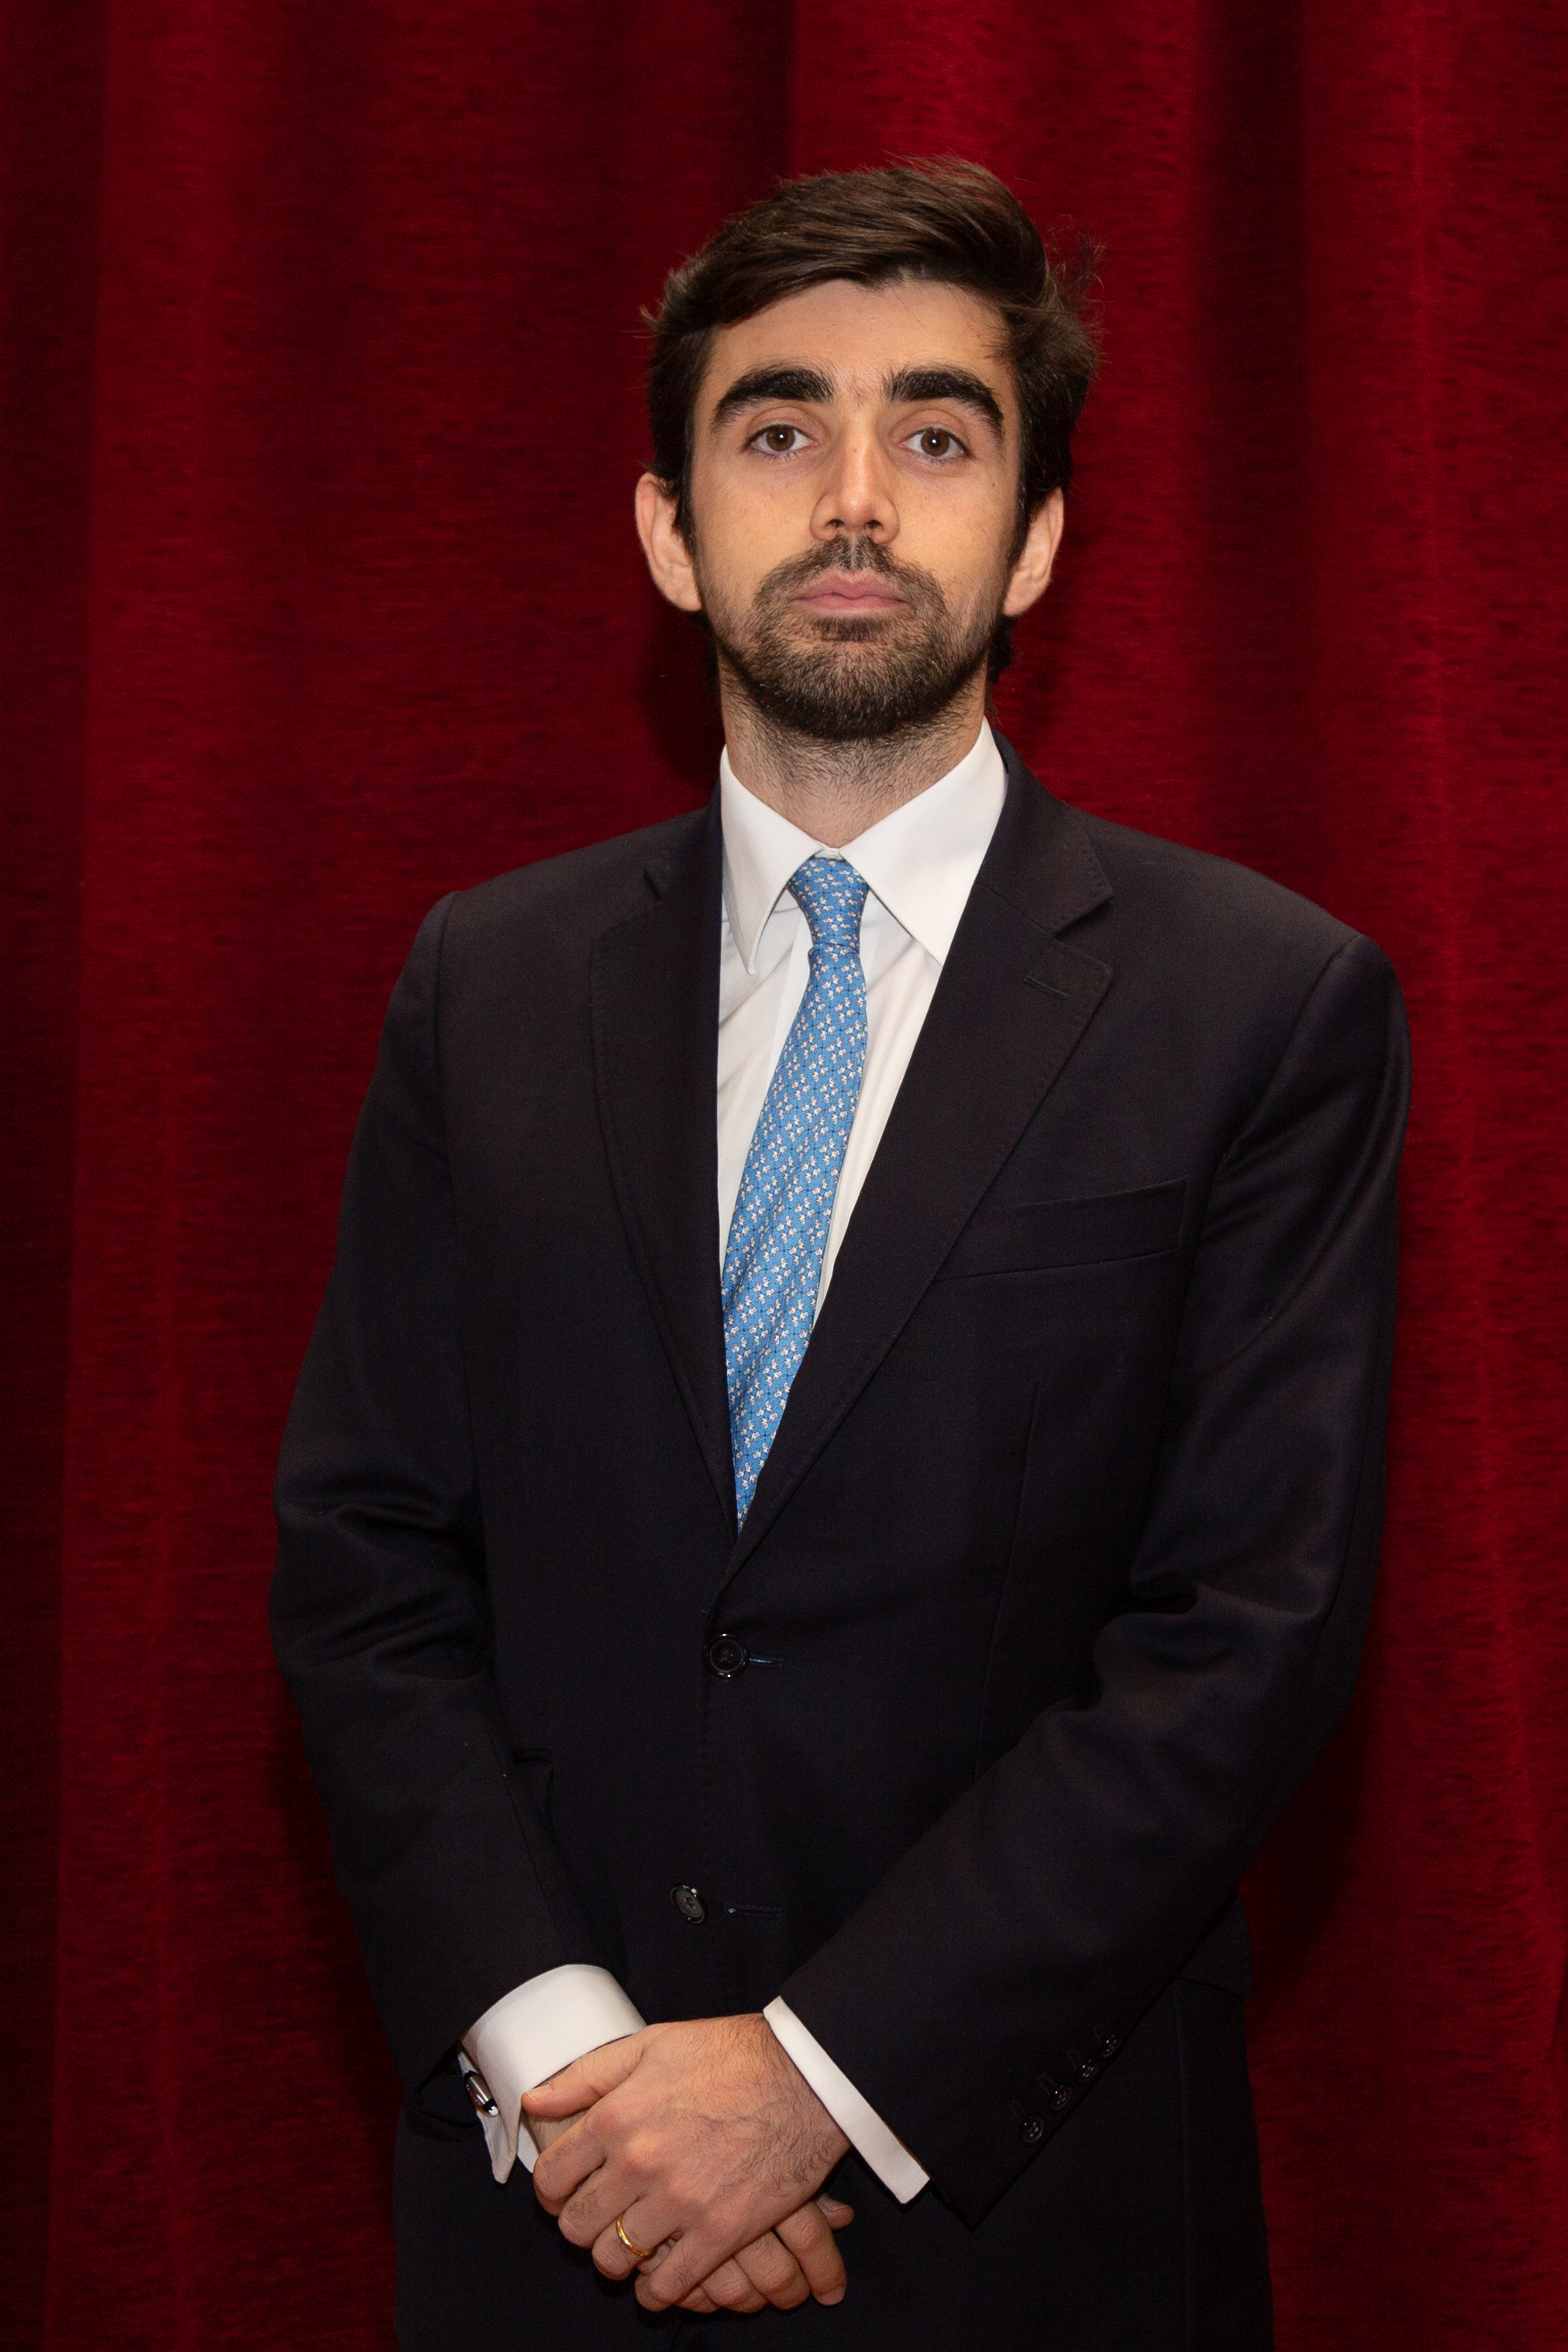 Manuel António Costa Pinto Ferreira Mendes